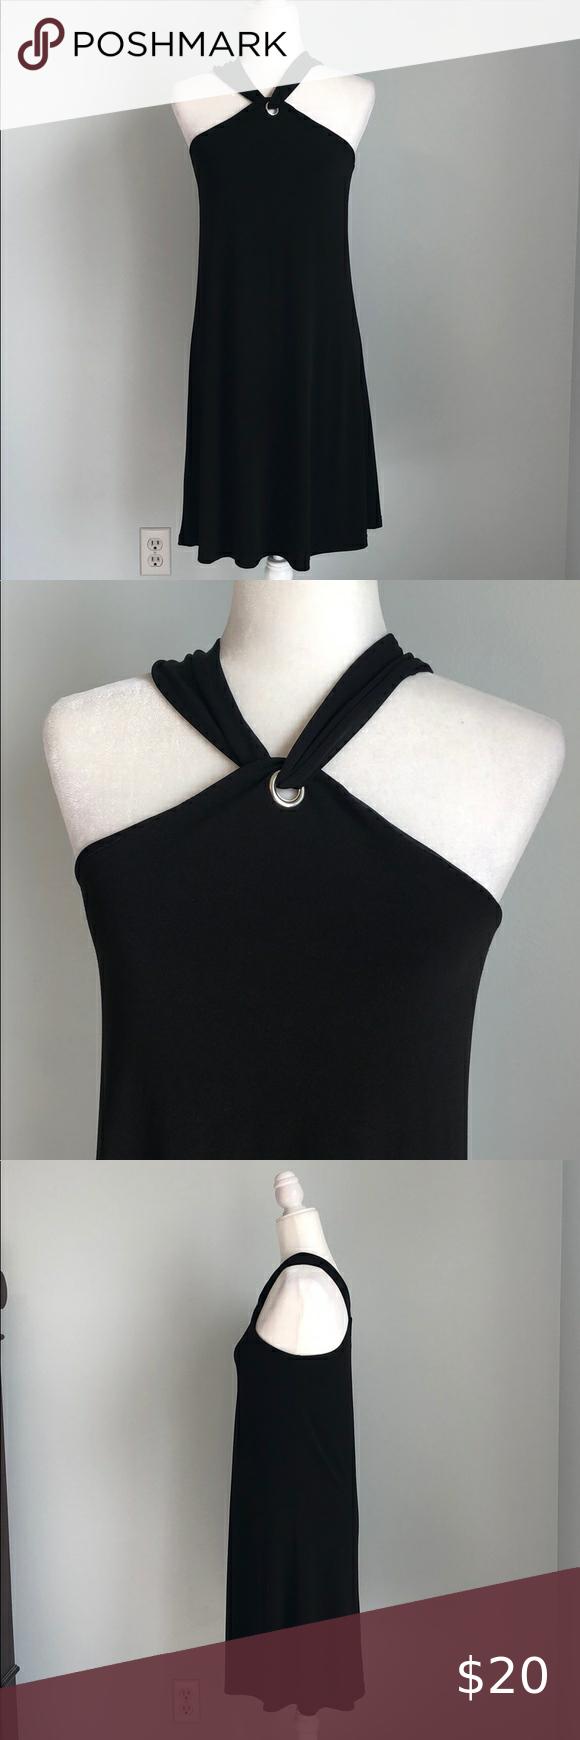 Cupio Twisted Neck Little Black Dress In 2021 Long Sleeve Casual Dress Little Black Dress Maxi Dress Blue [ 1740 x 580 Pixel ]